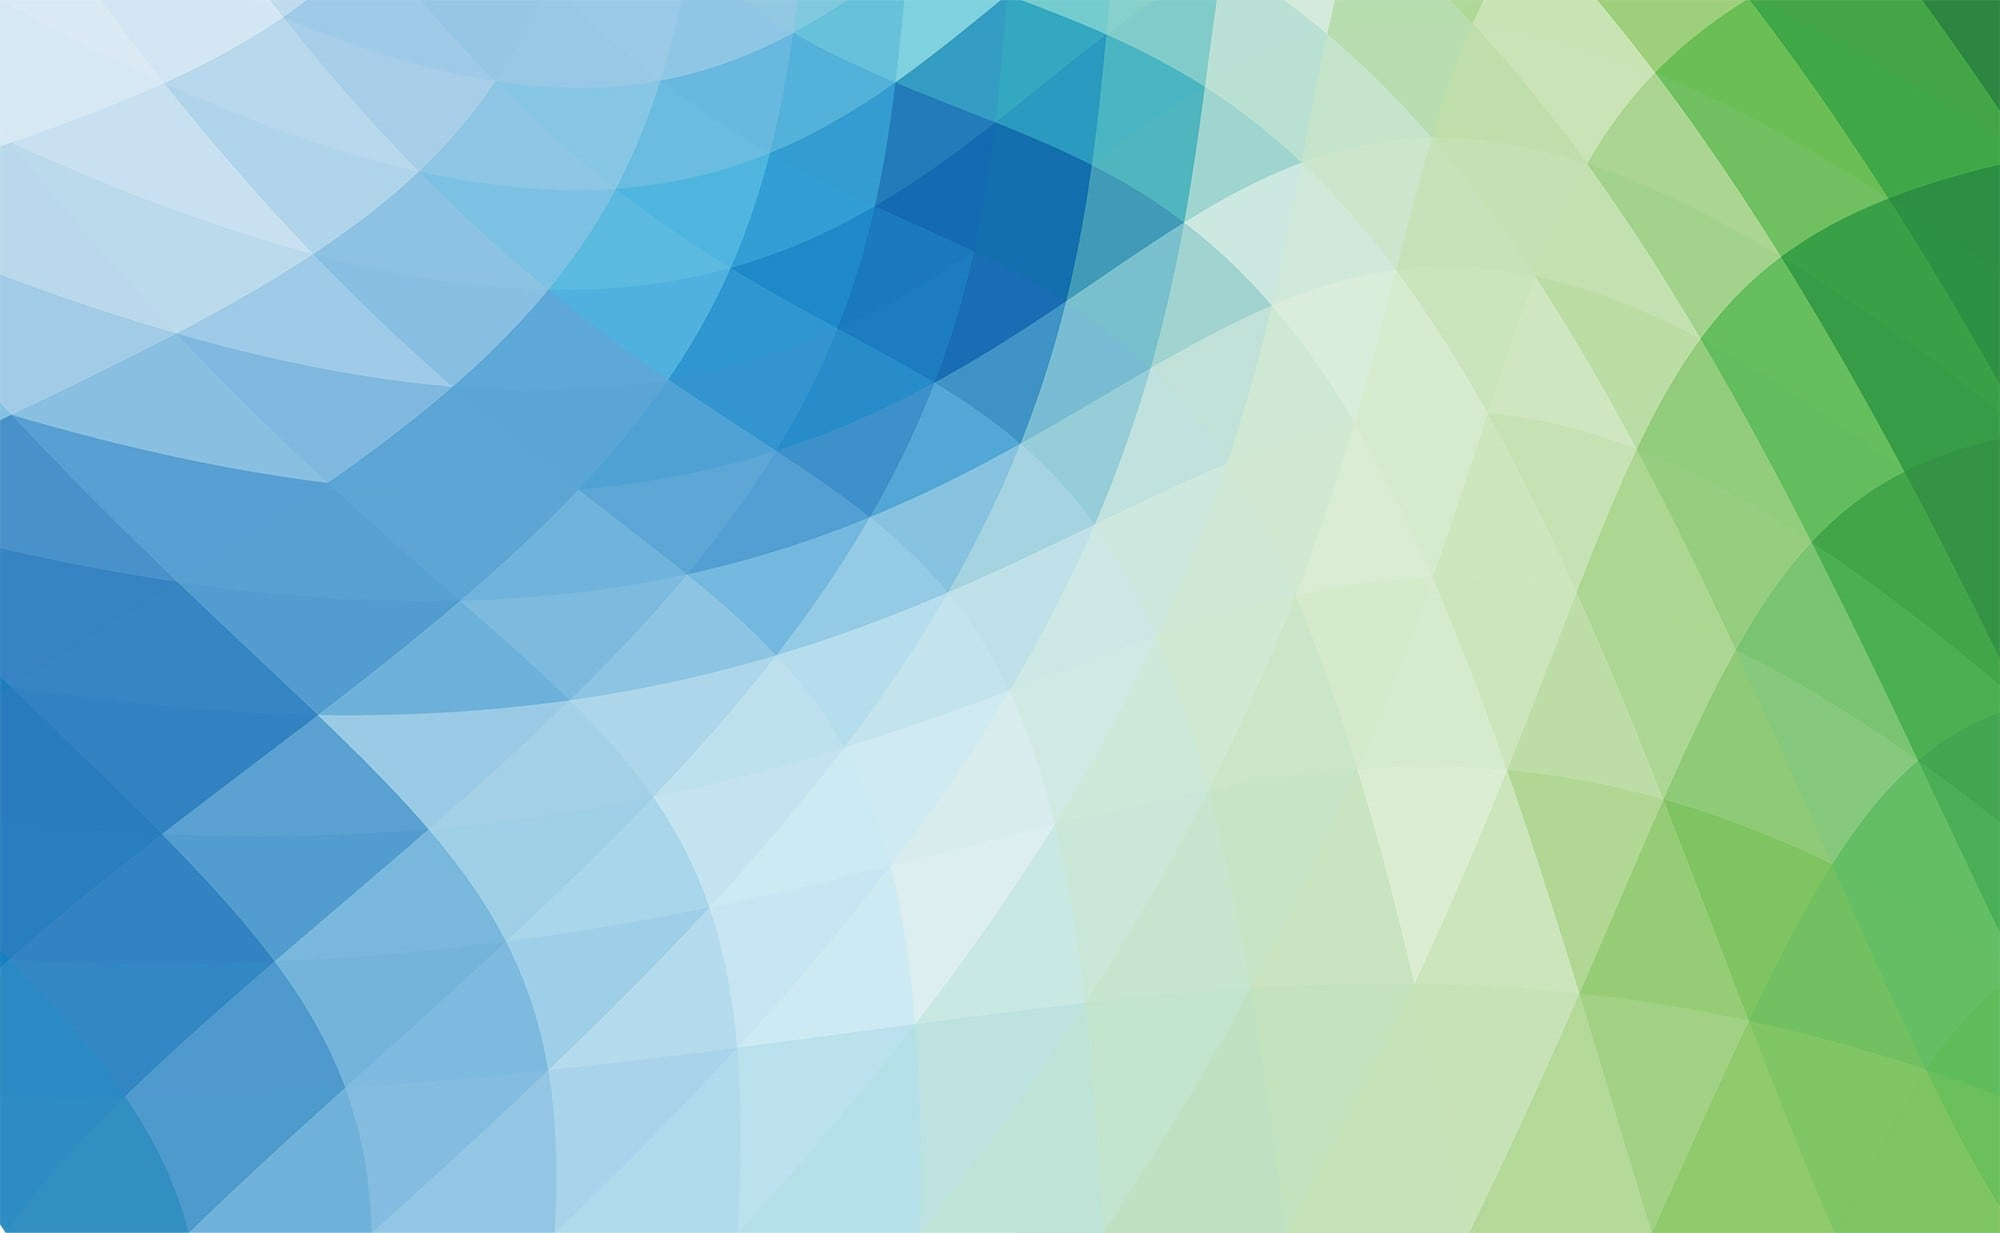 Blue Green abstract art